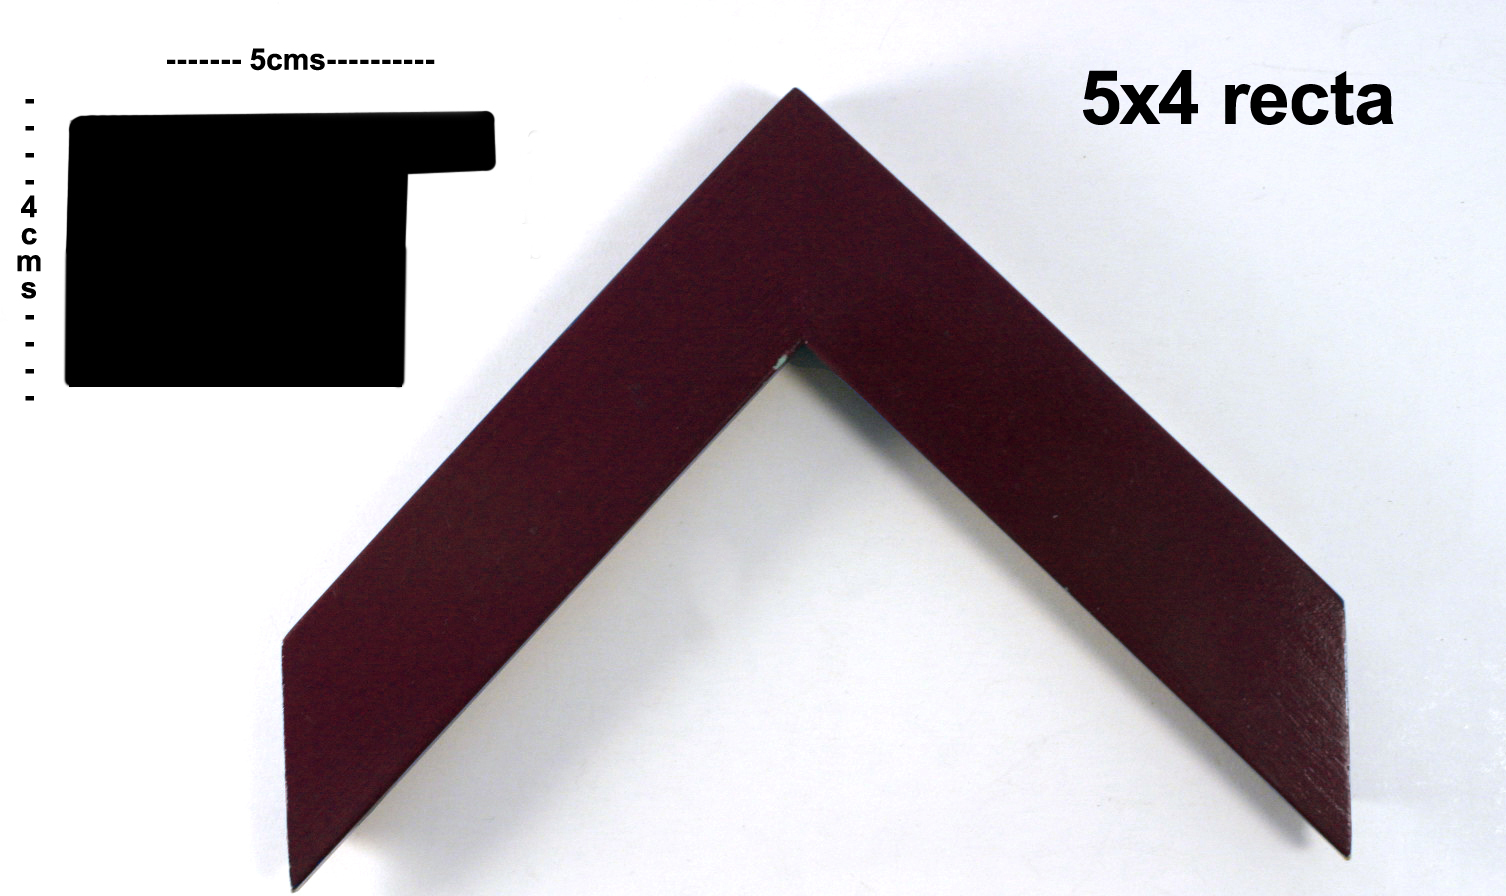 Mold 5x4recta